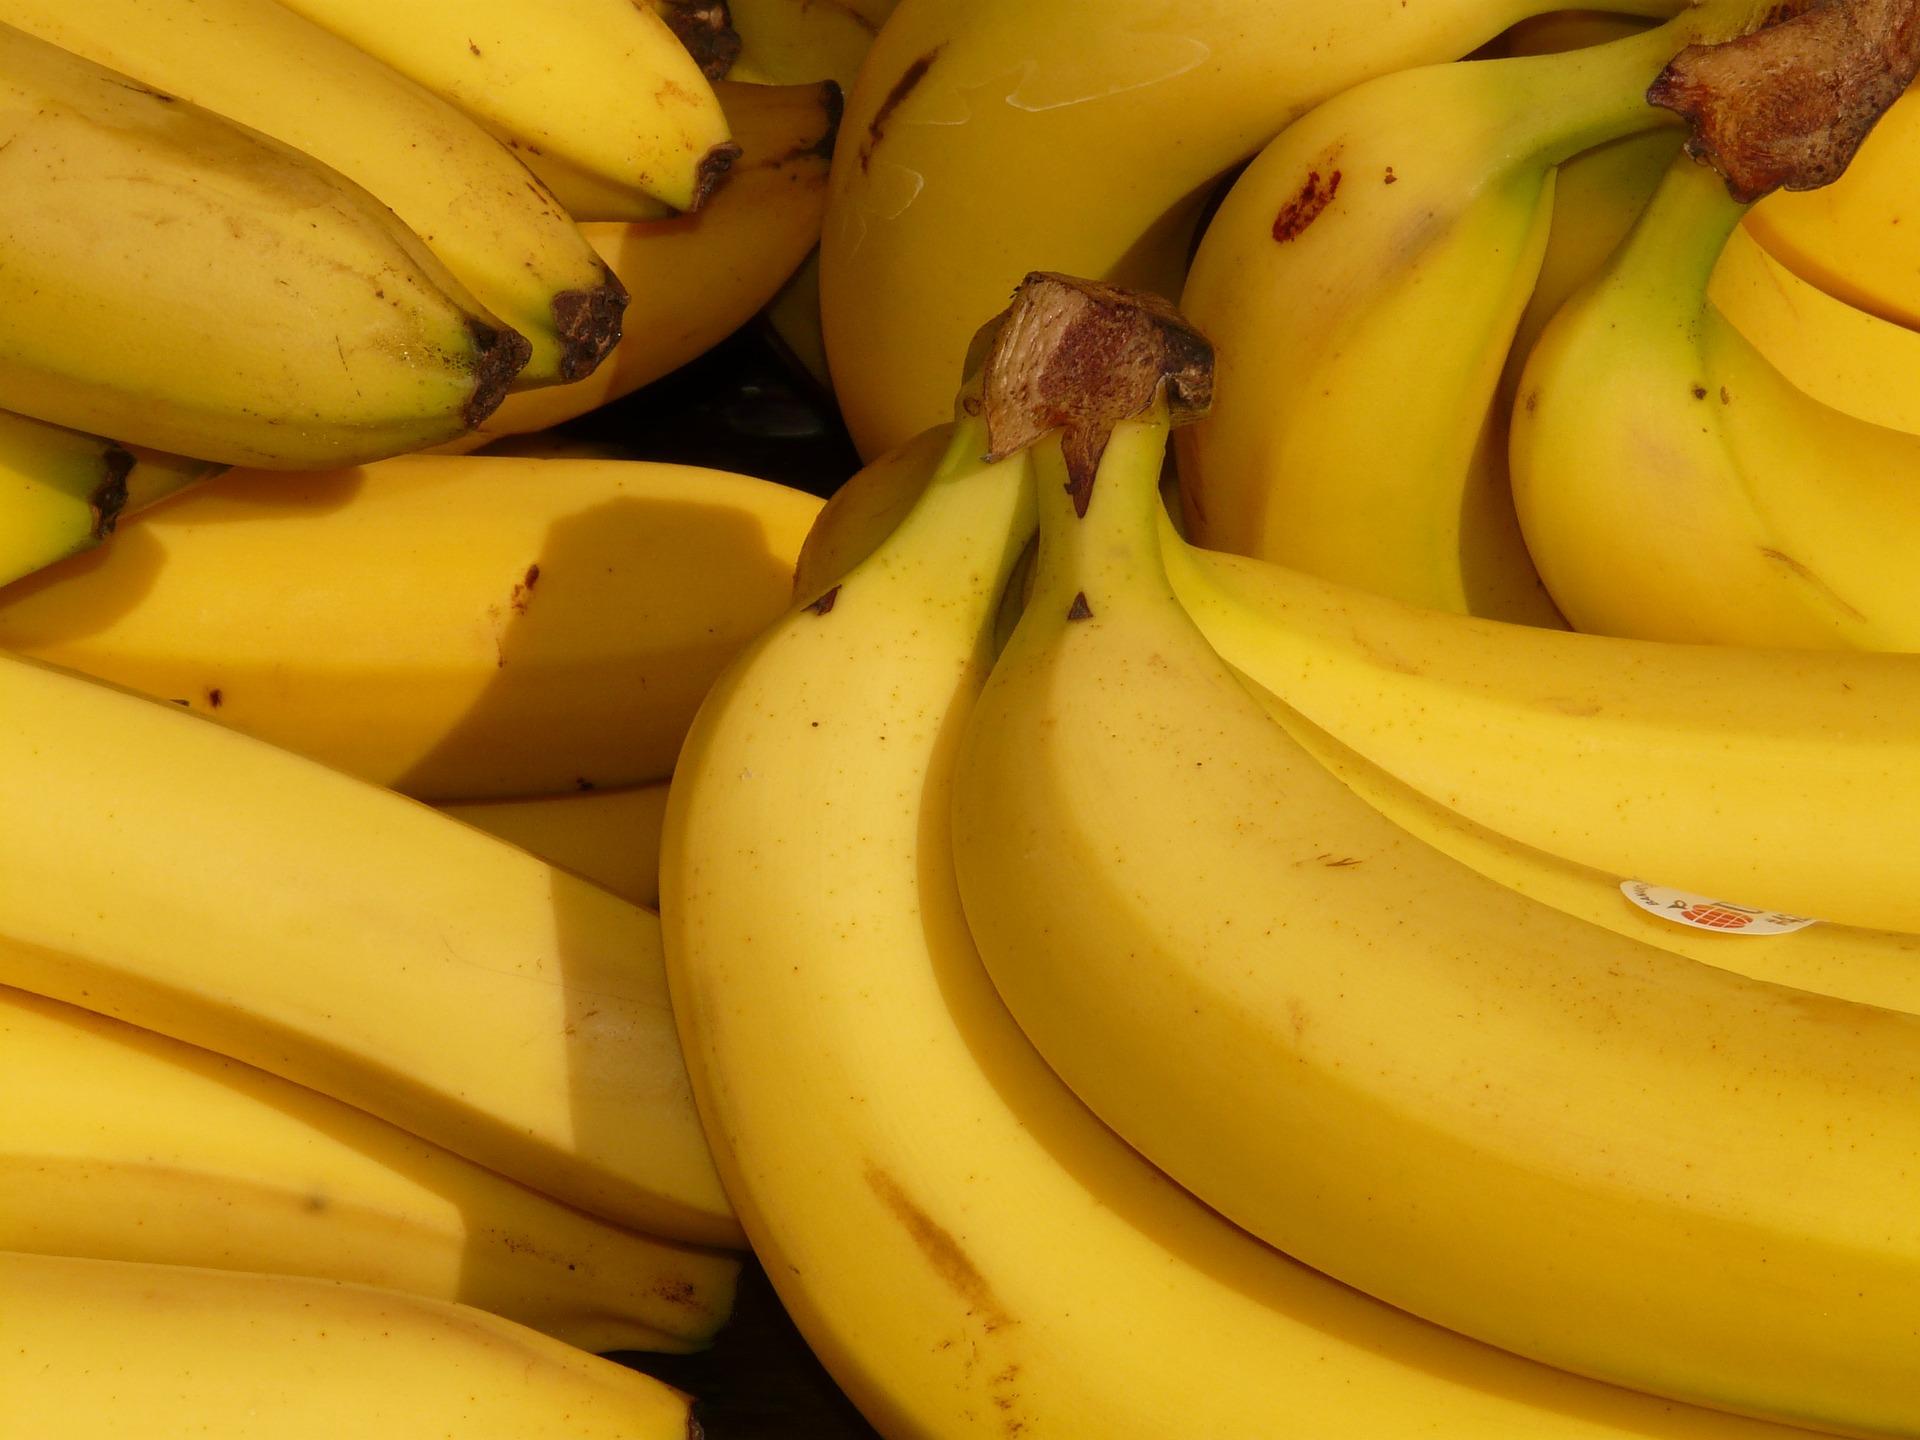 Un masque à la banane pour les cheveux